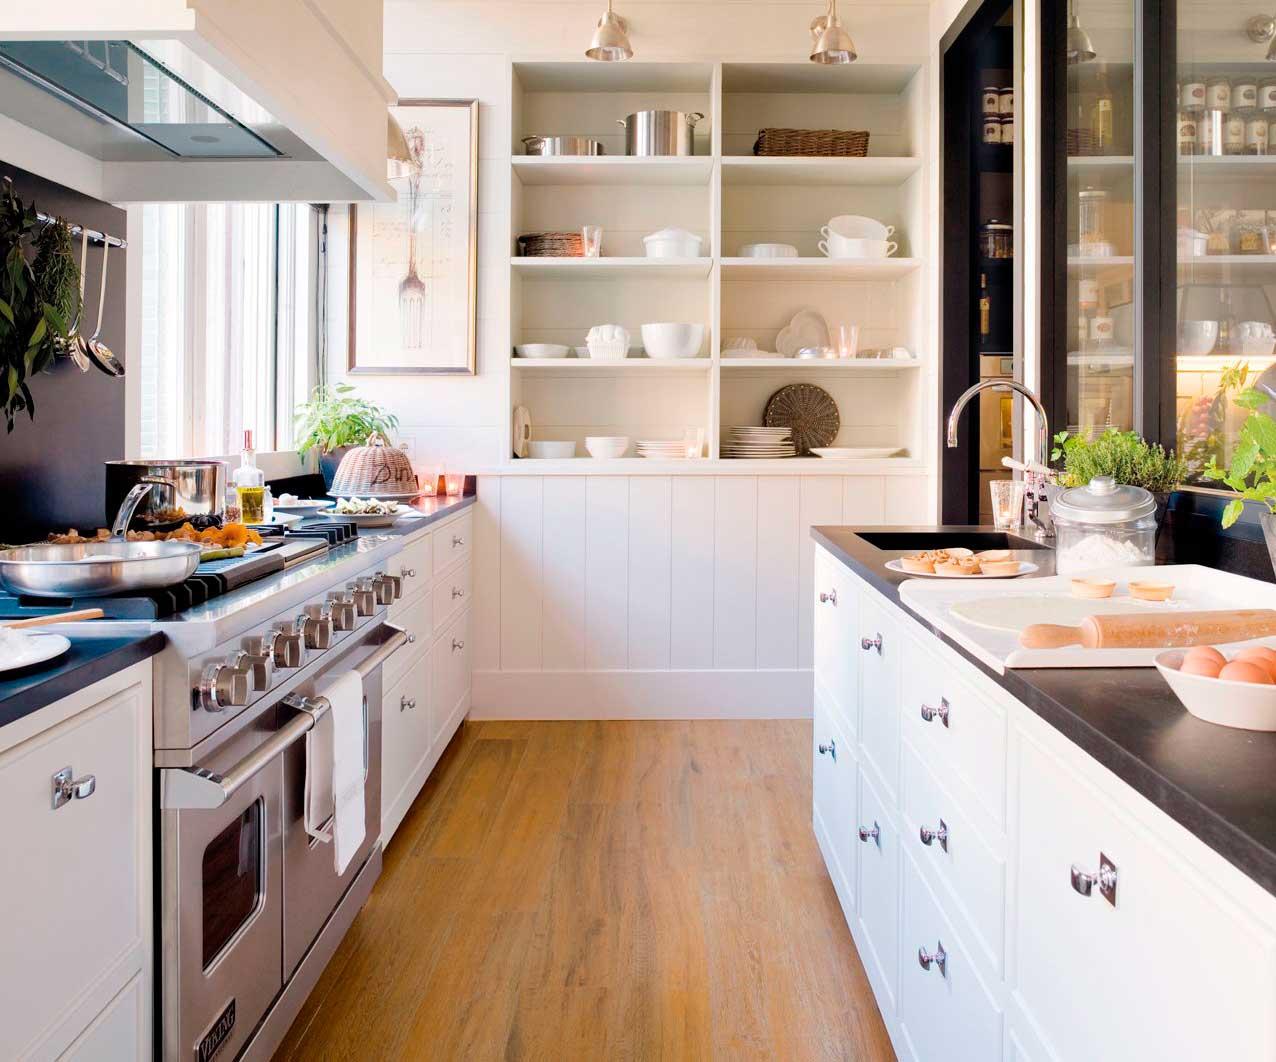 Cocinas vintage ideas de dise o y muebles retro - Cocinas retro vintage ...